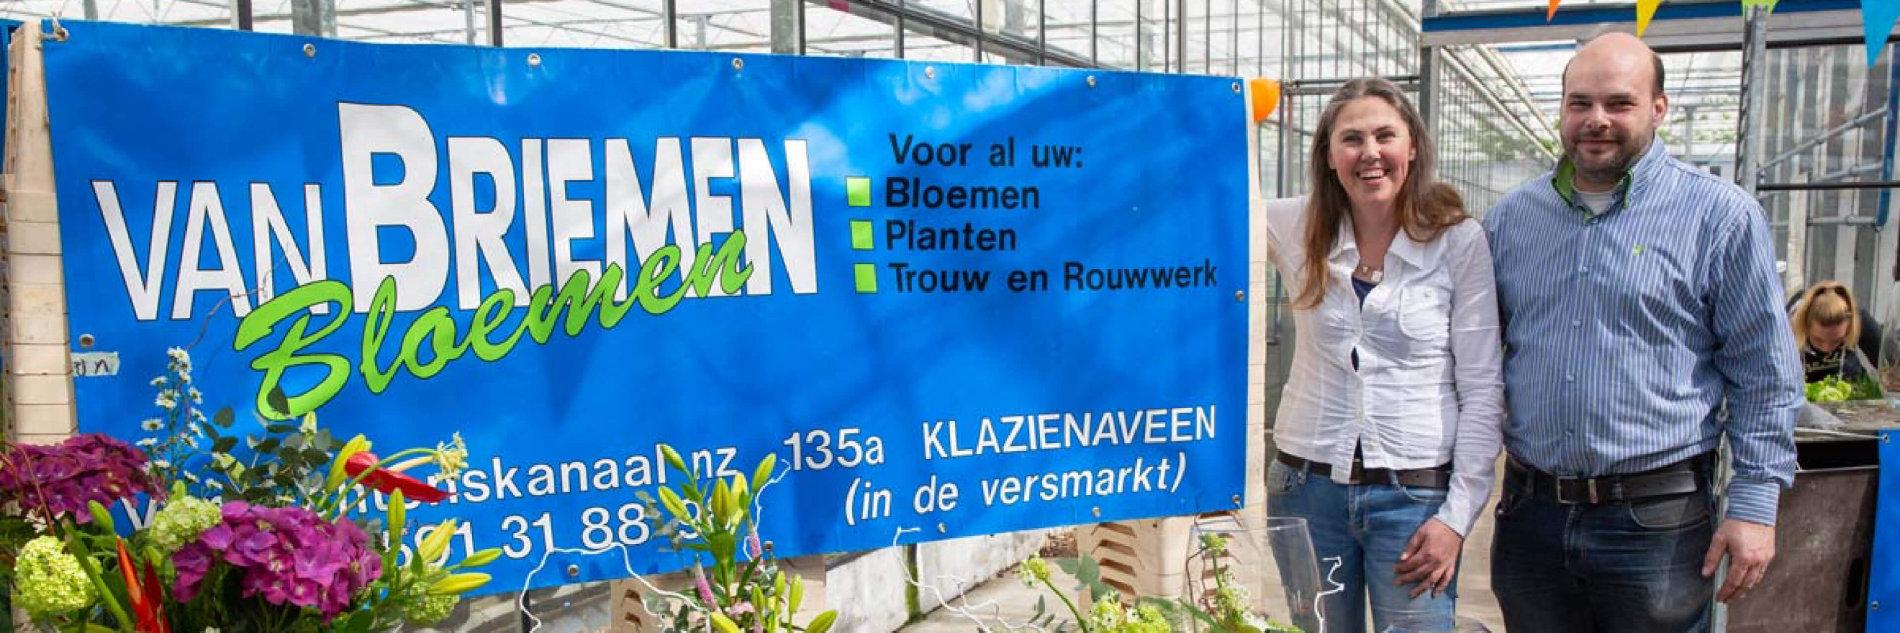 Van Briemen Bloemen